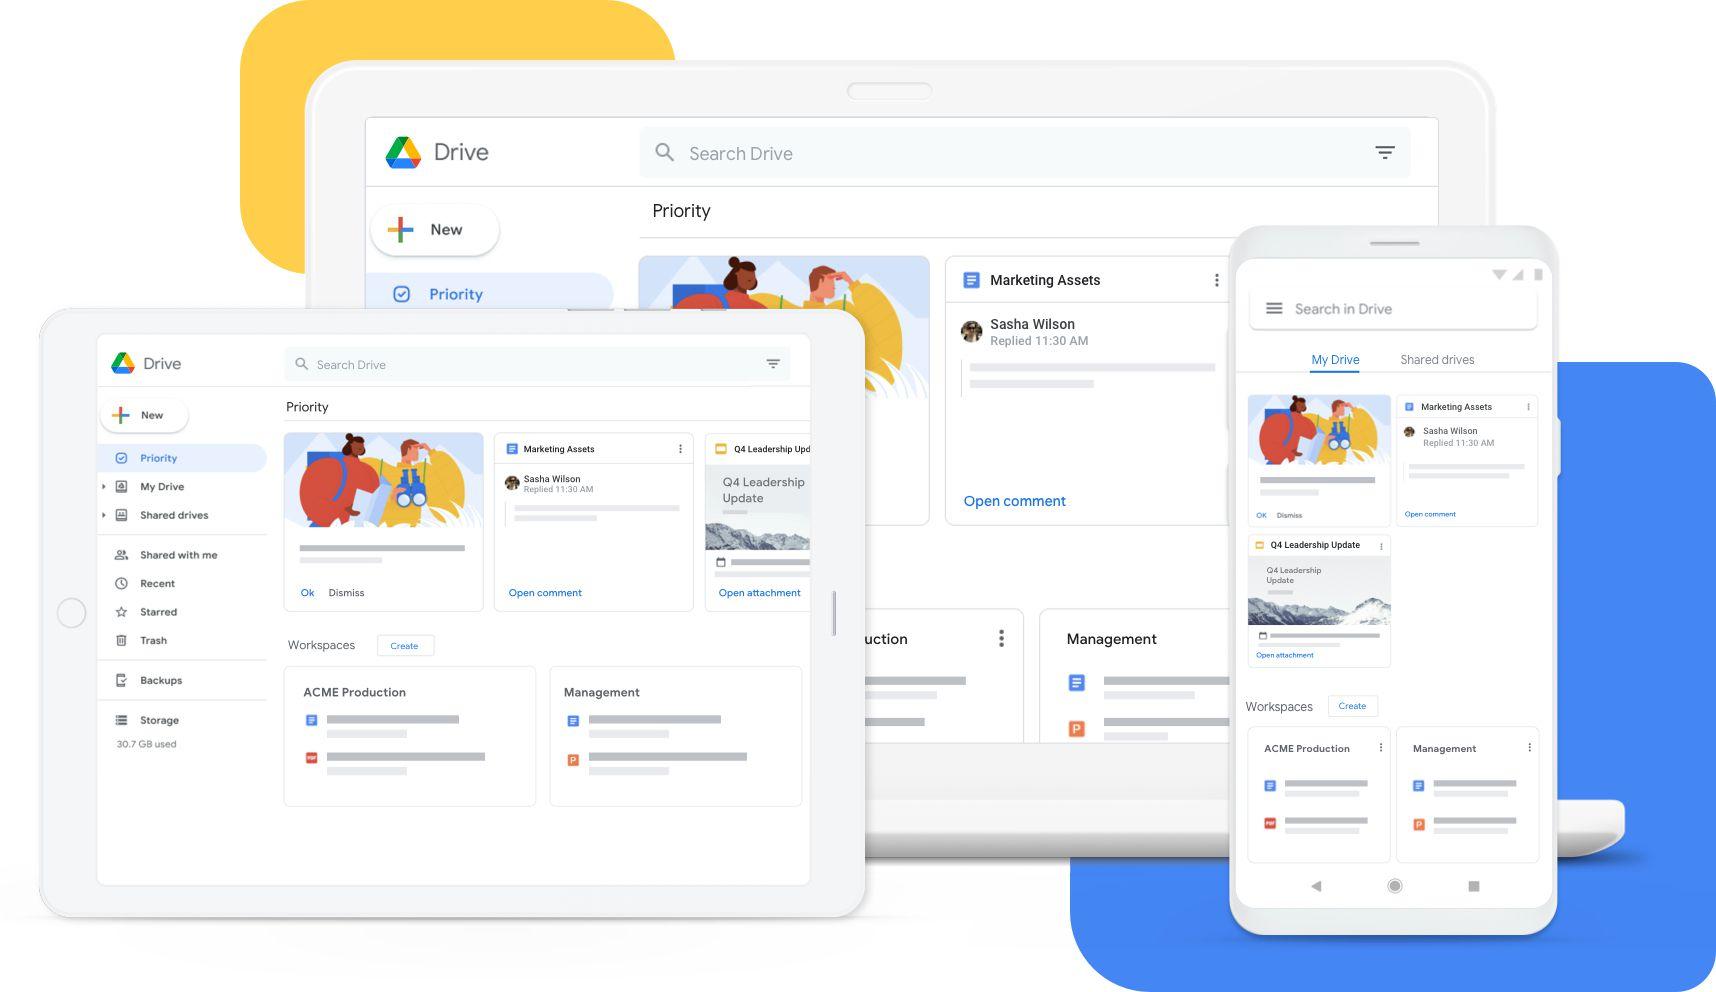 Google Drive apps on desktop, mobile, and tablet